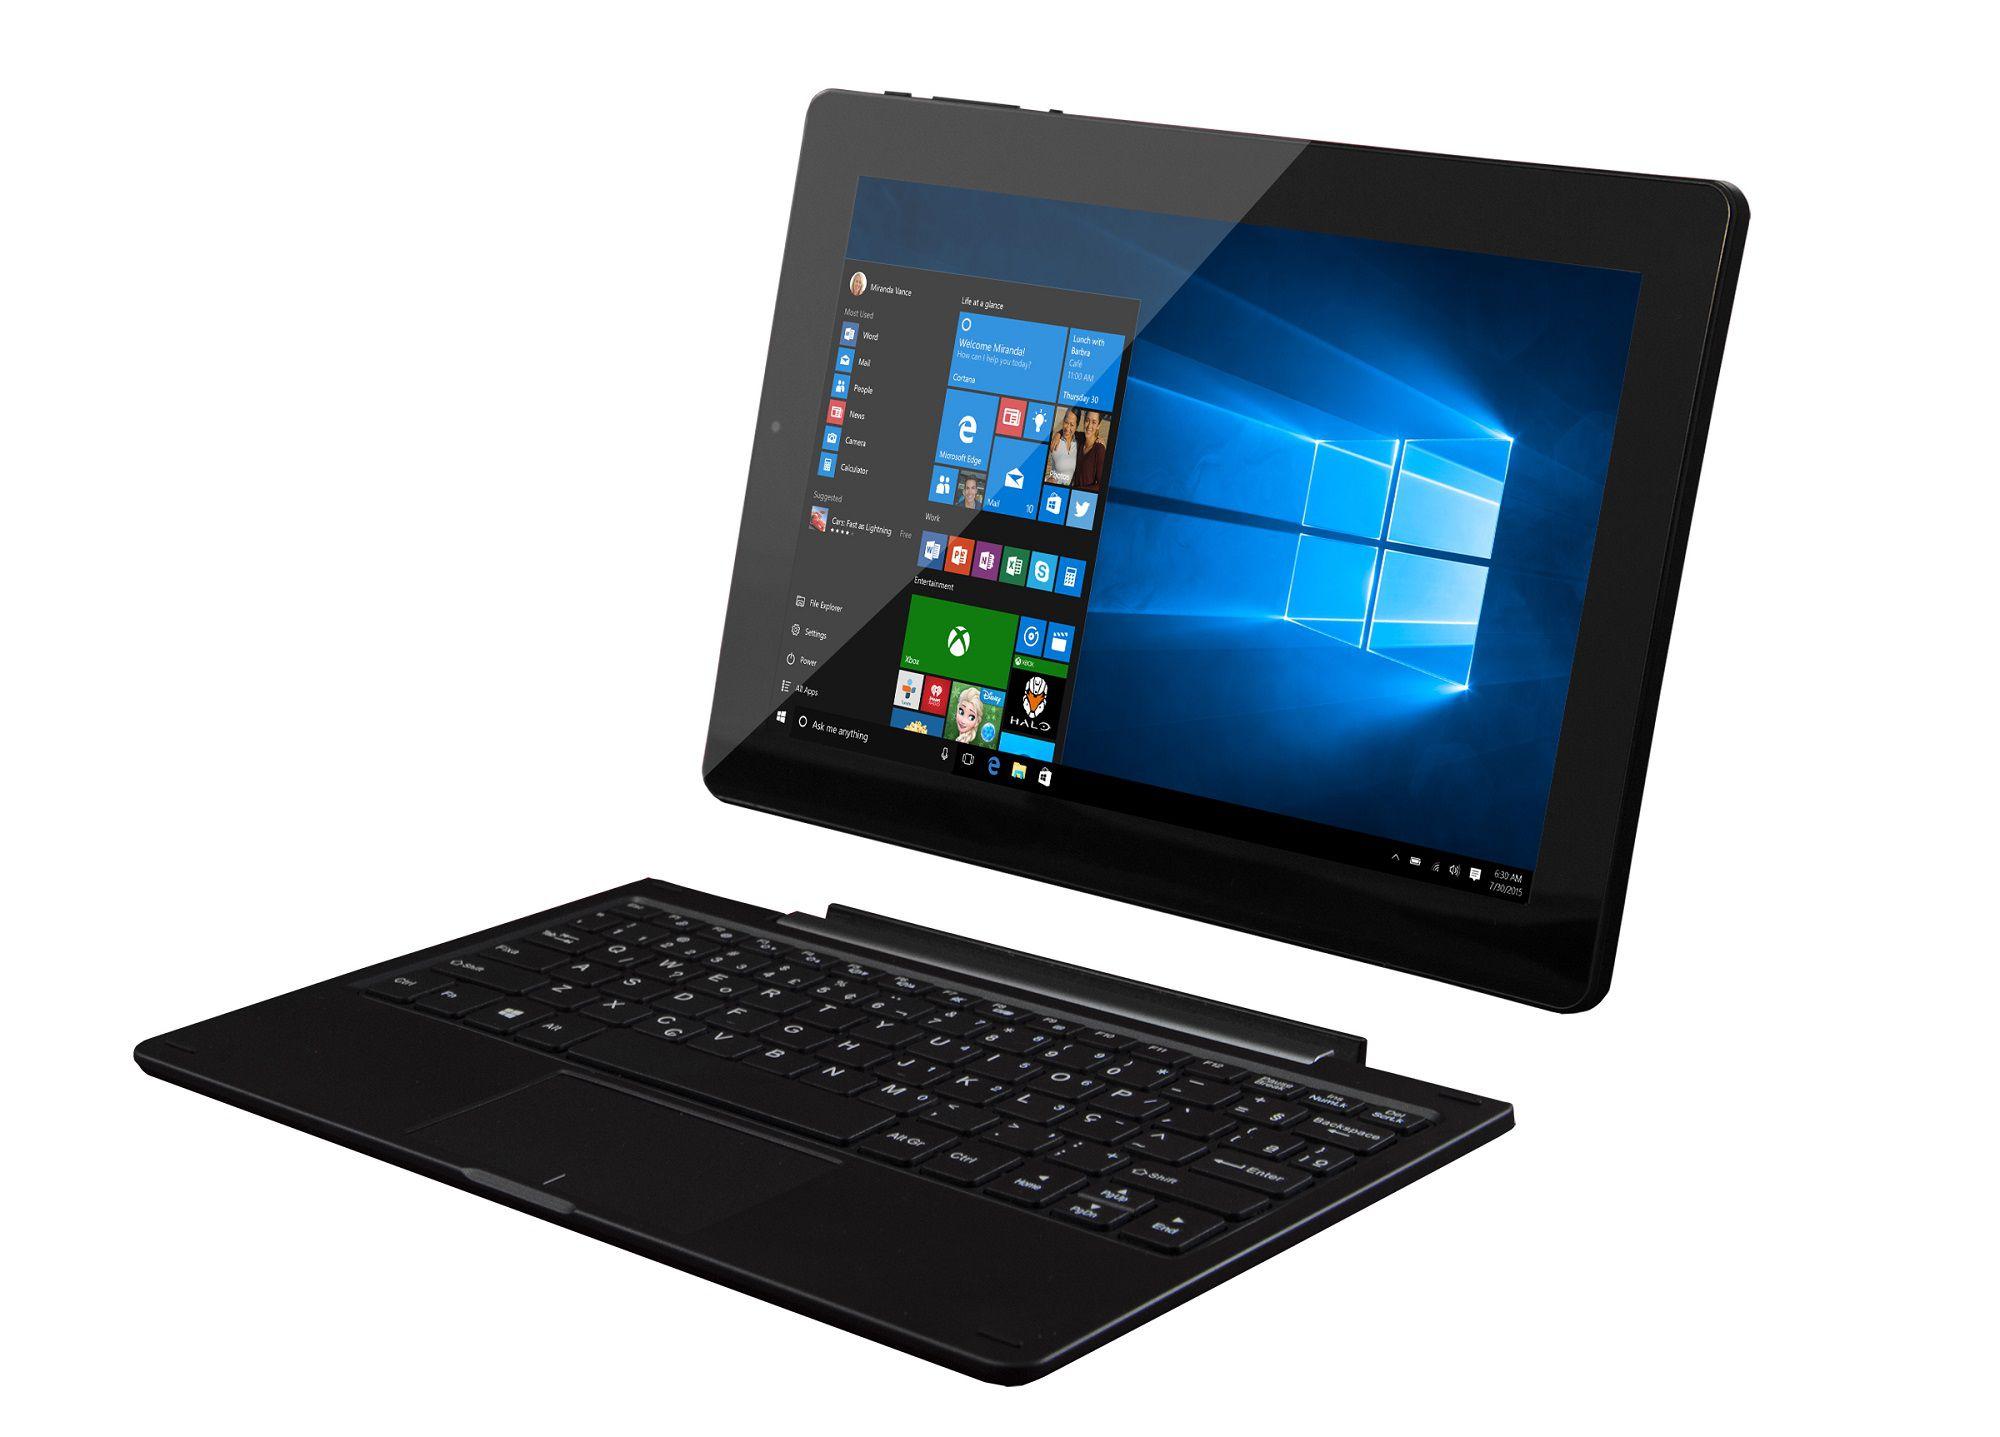 Notebook 2 em 1 Tela 10.1 Memória Interna 16GB Windows 8